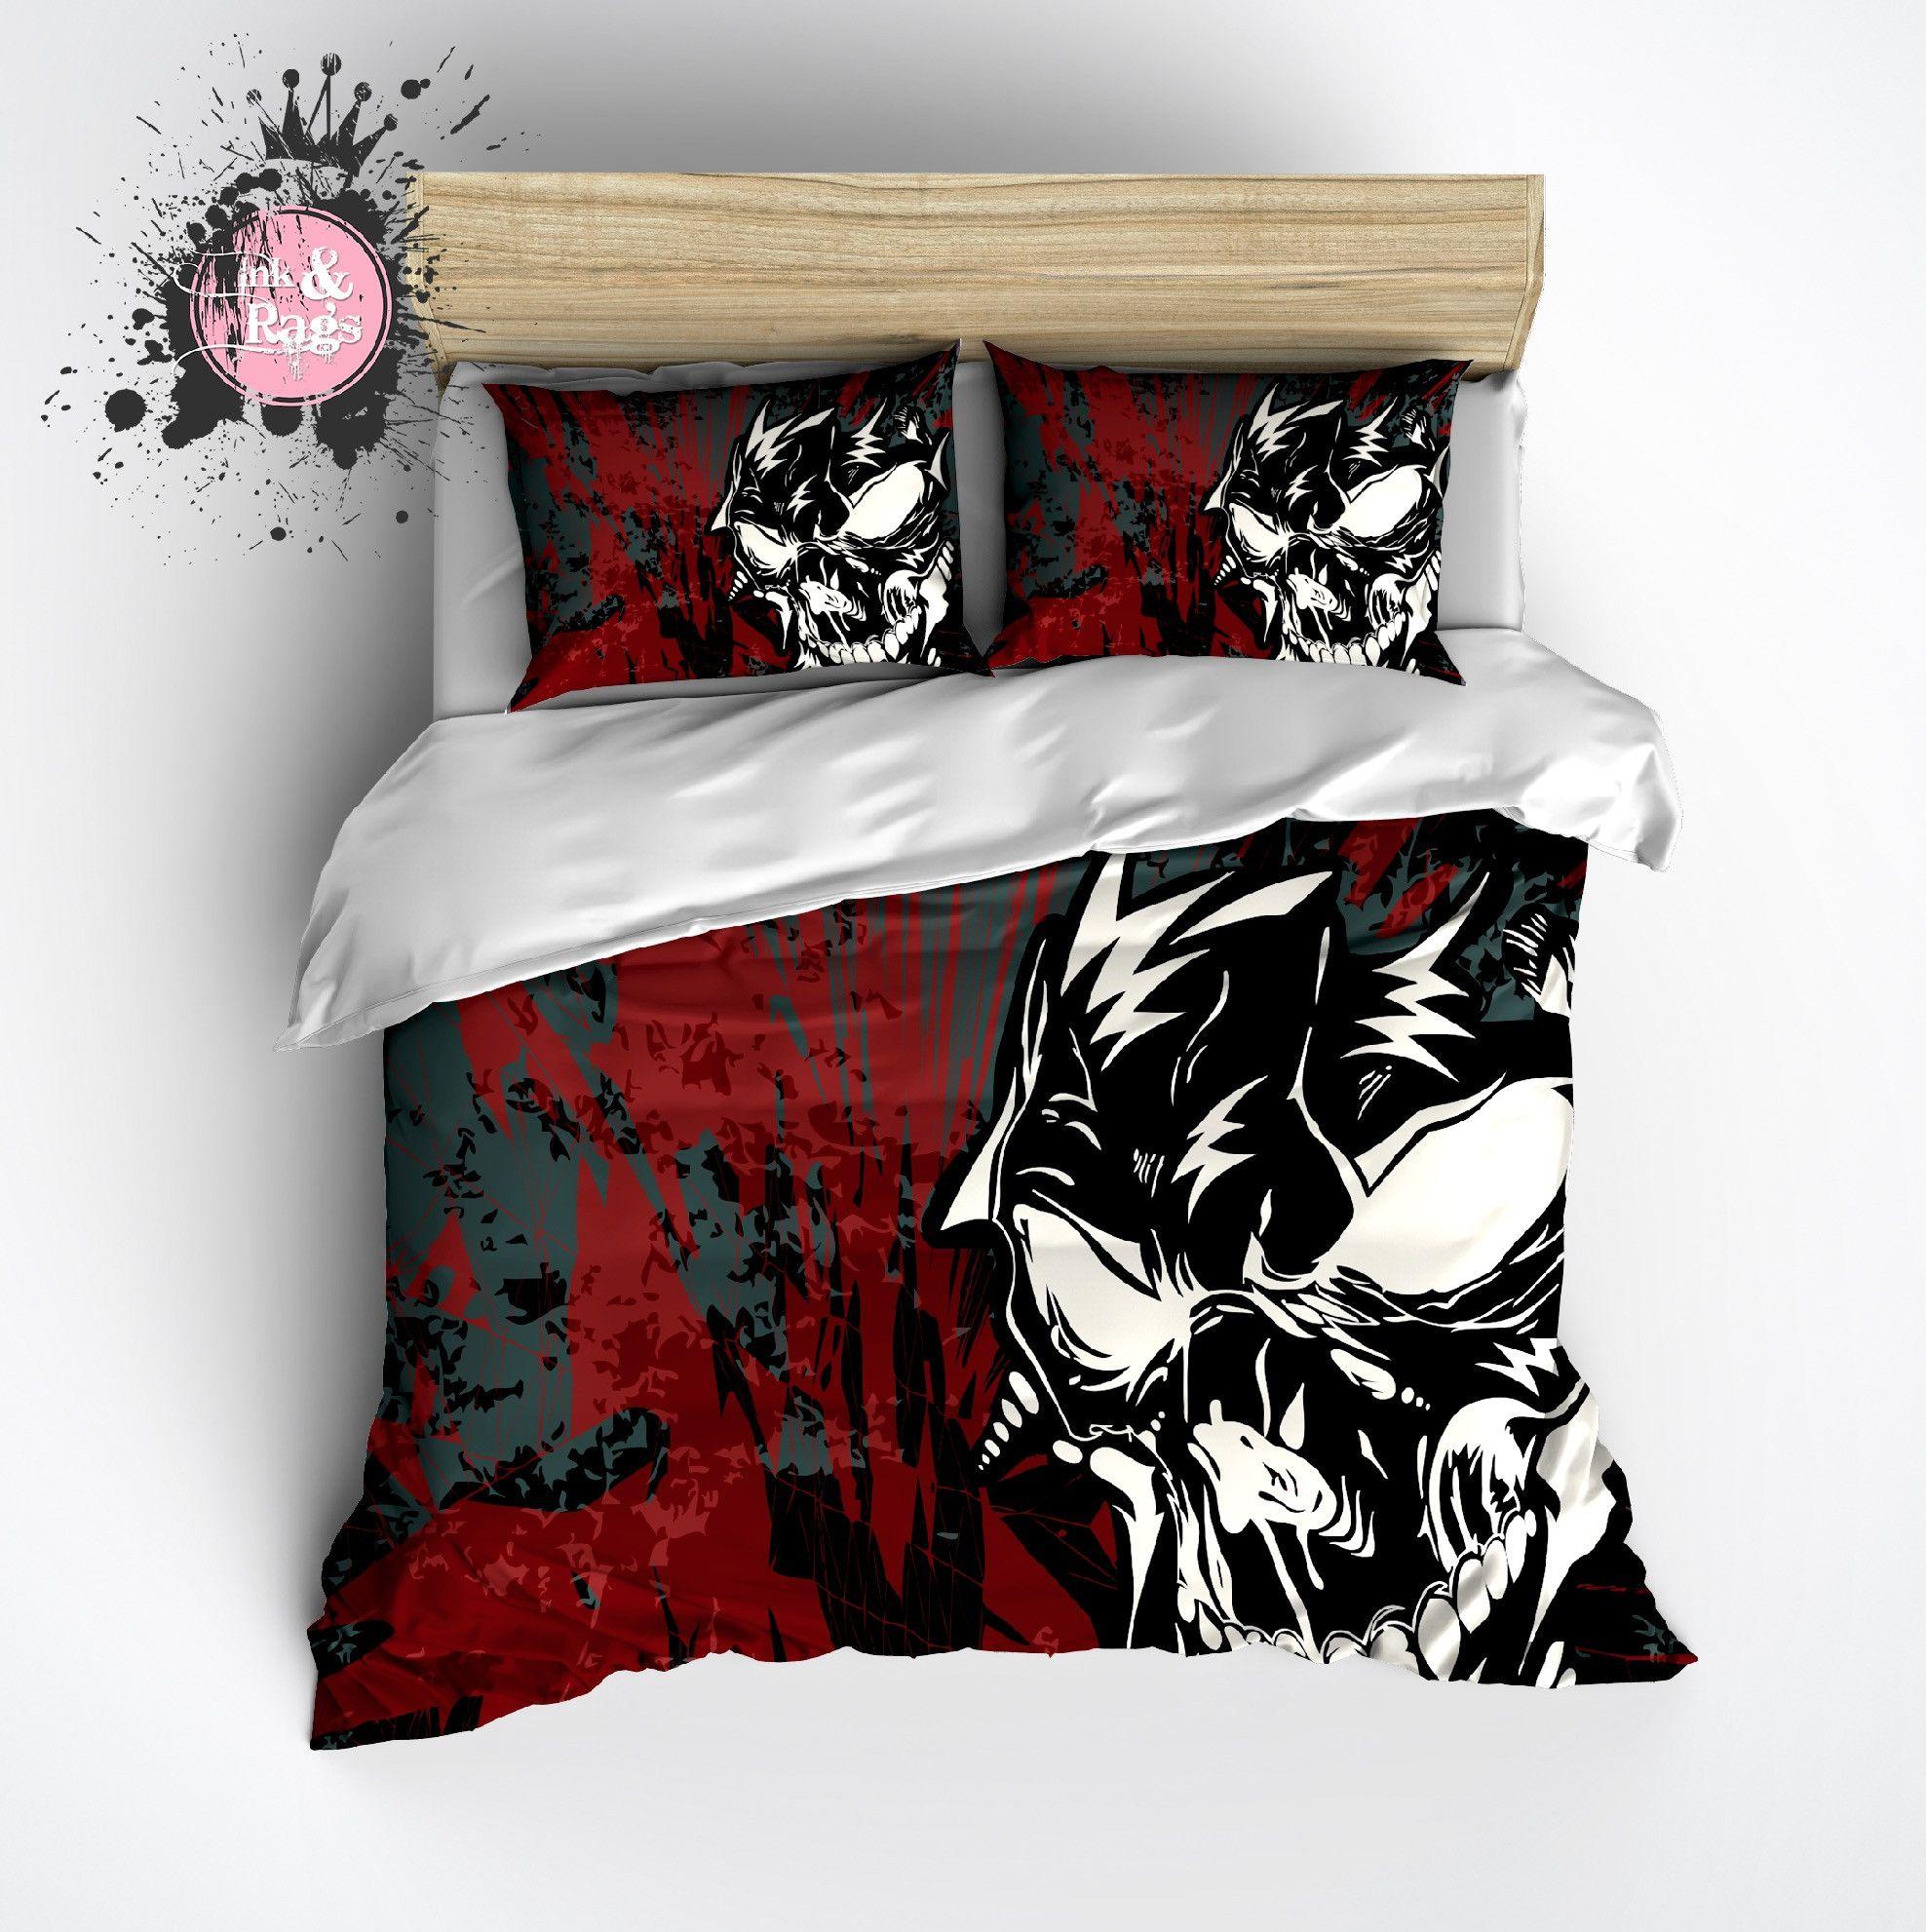 Black and red bed sets - Black Red And Mean Skull Duvet Bedding Sets